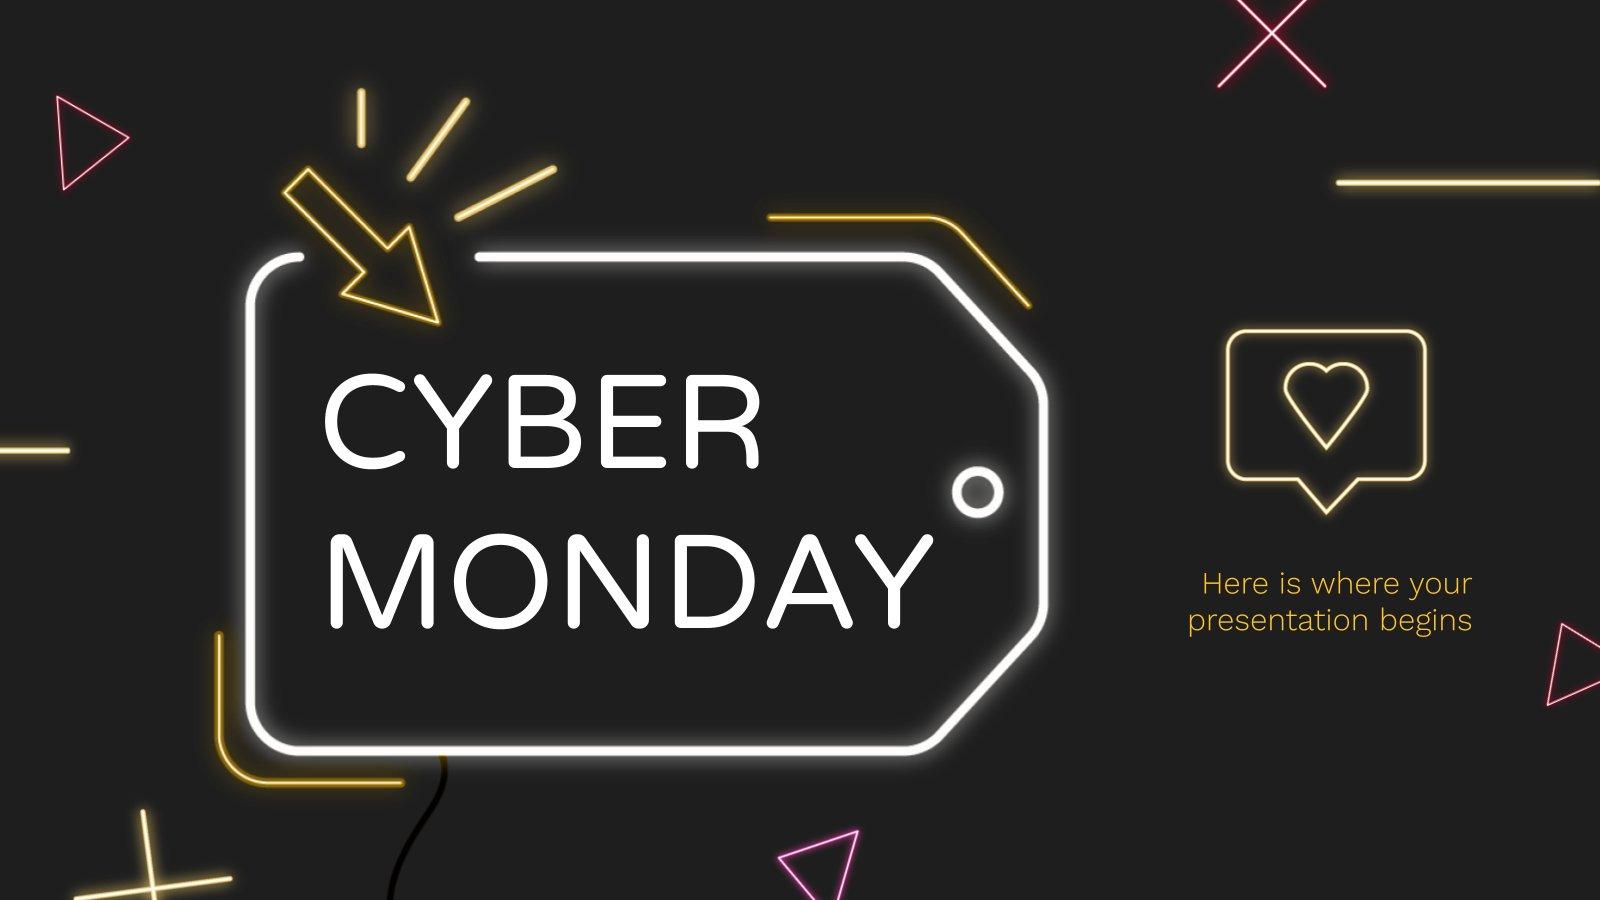 Modelo de apresentação Cyber Monday de neon